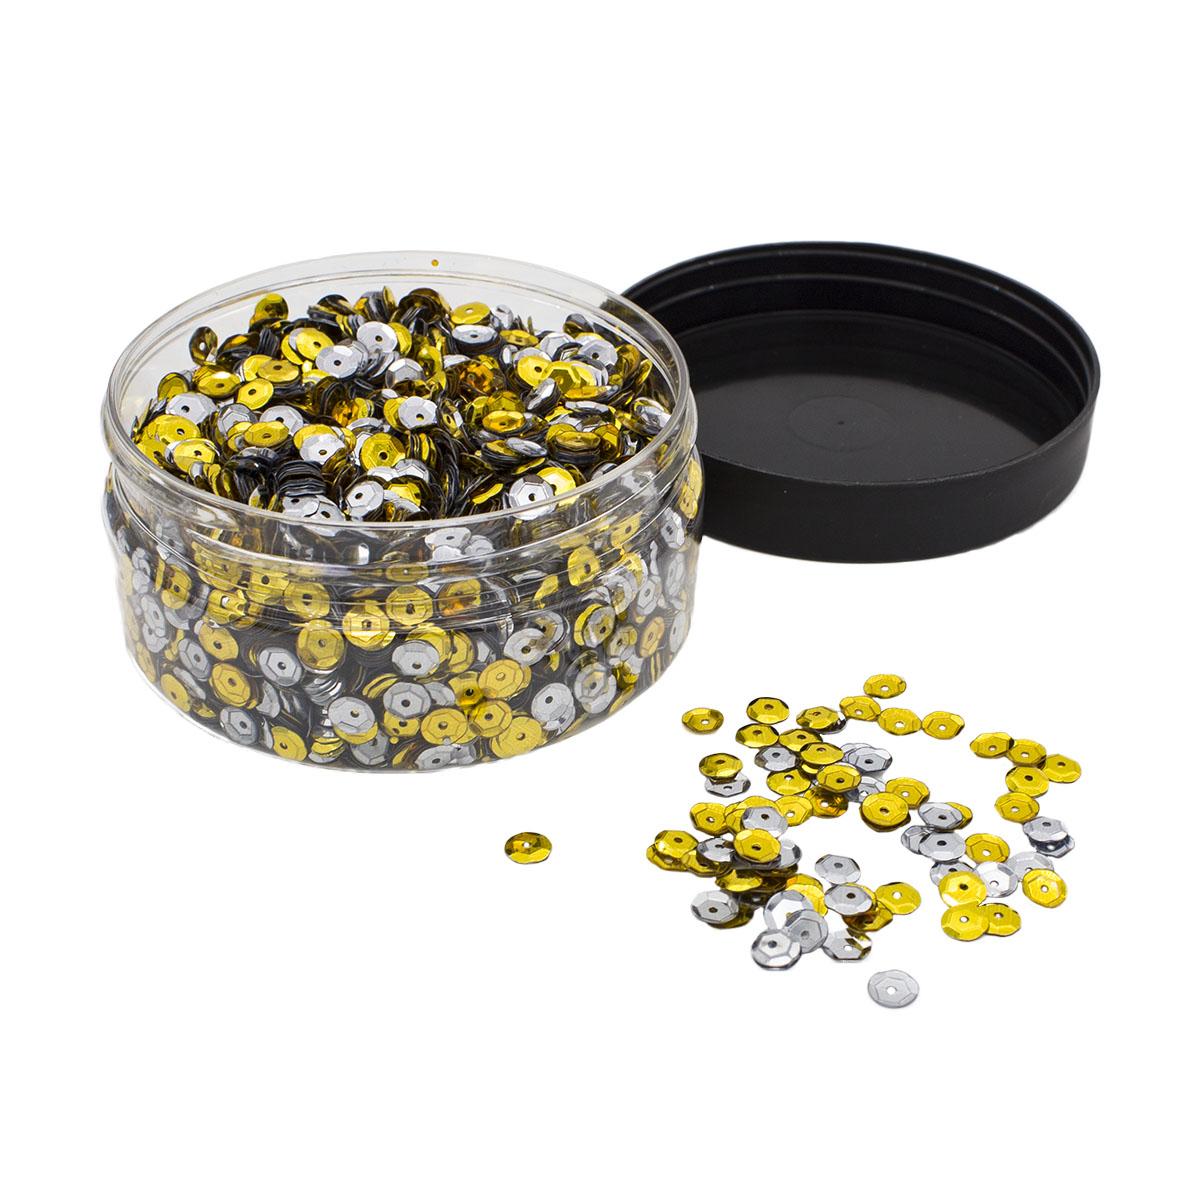 Большой набор золотых и серебряных пайеток, 6мм, 100 гр, Астра